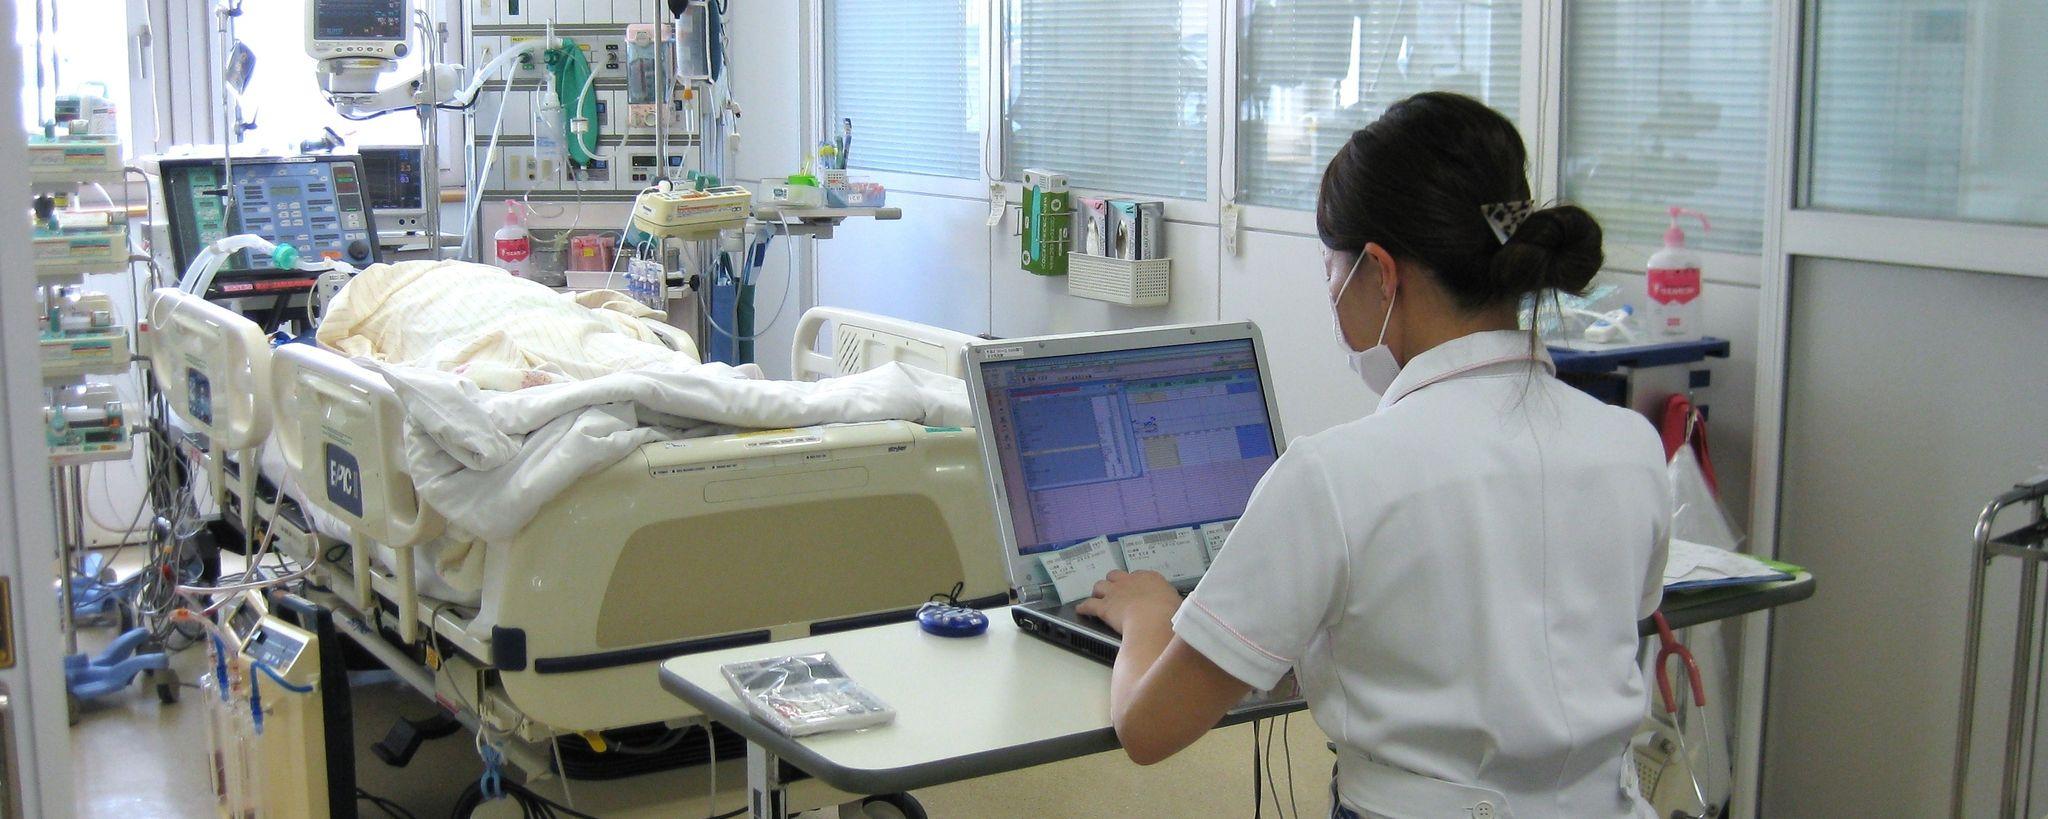 【名寄市立総合病院】の看護師(ナース)就職・転職・求人・採用情報